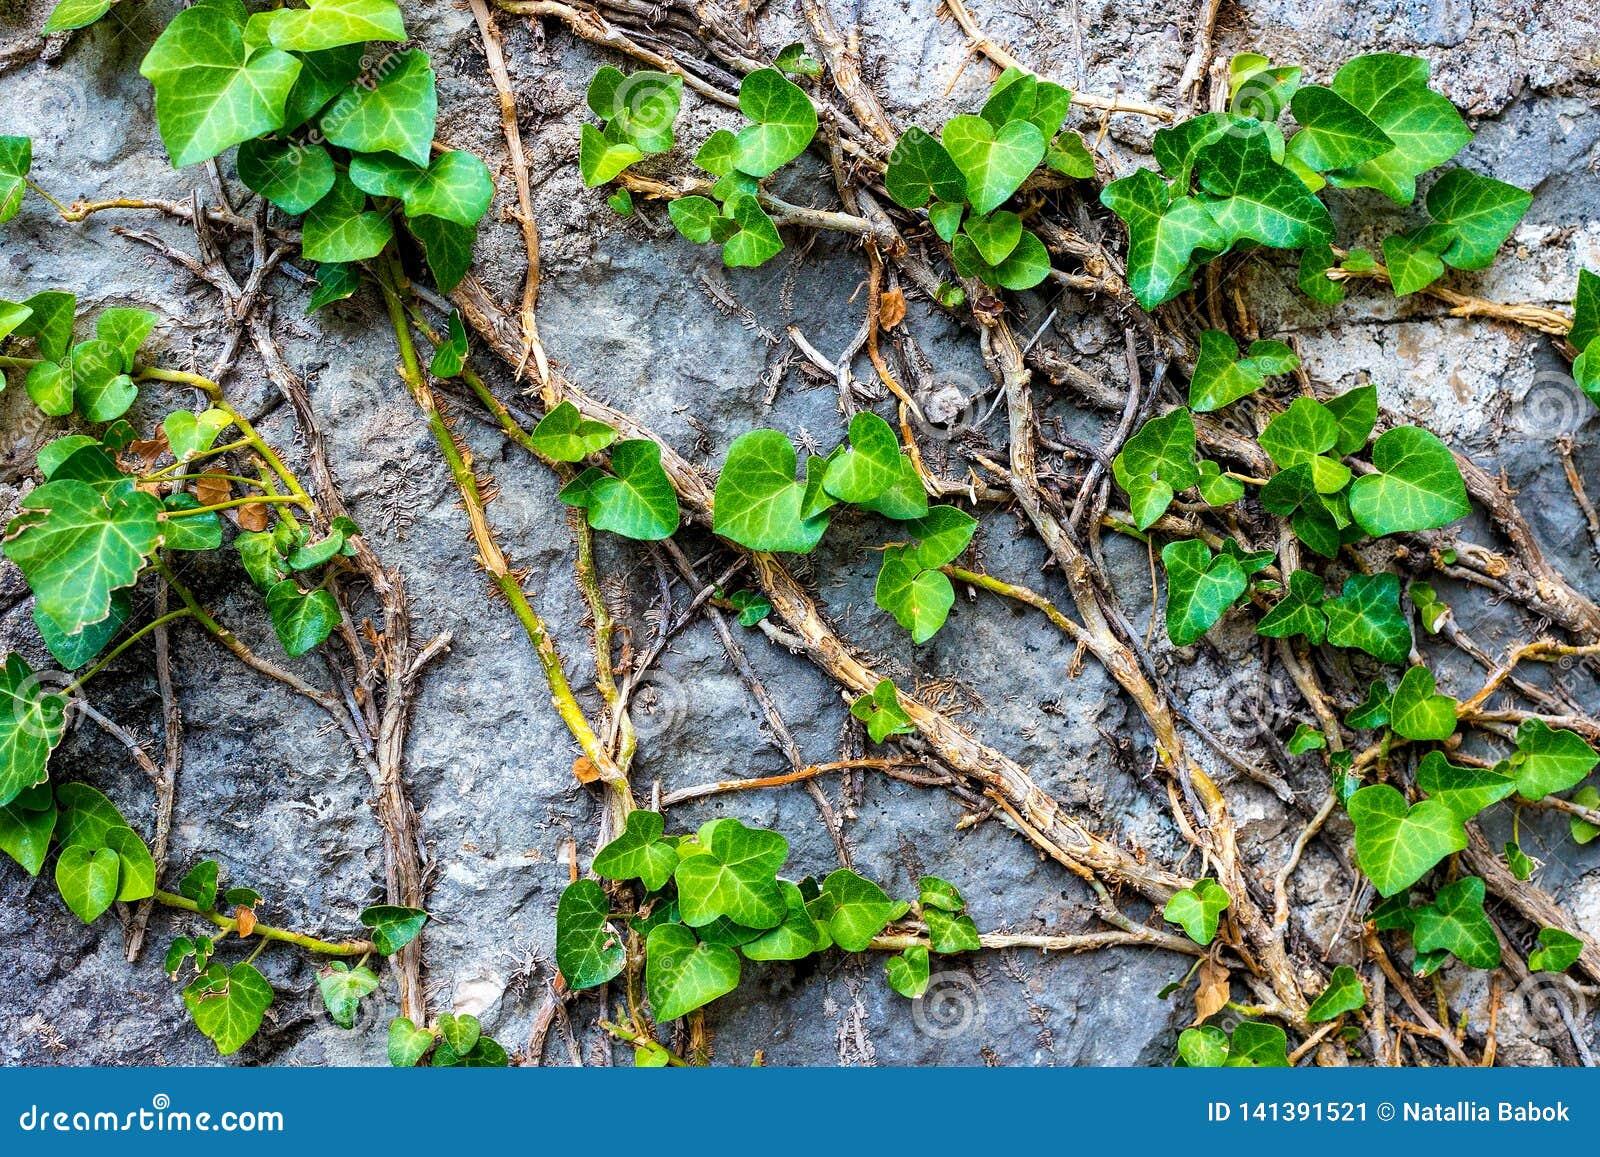 Immagine di una parete di pietra, foglie verdi, edera su una parete di pietra grigia